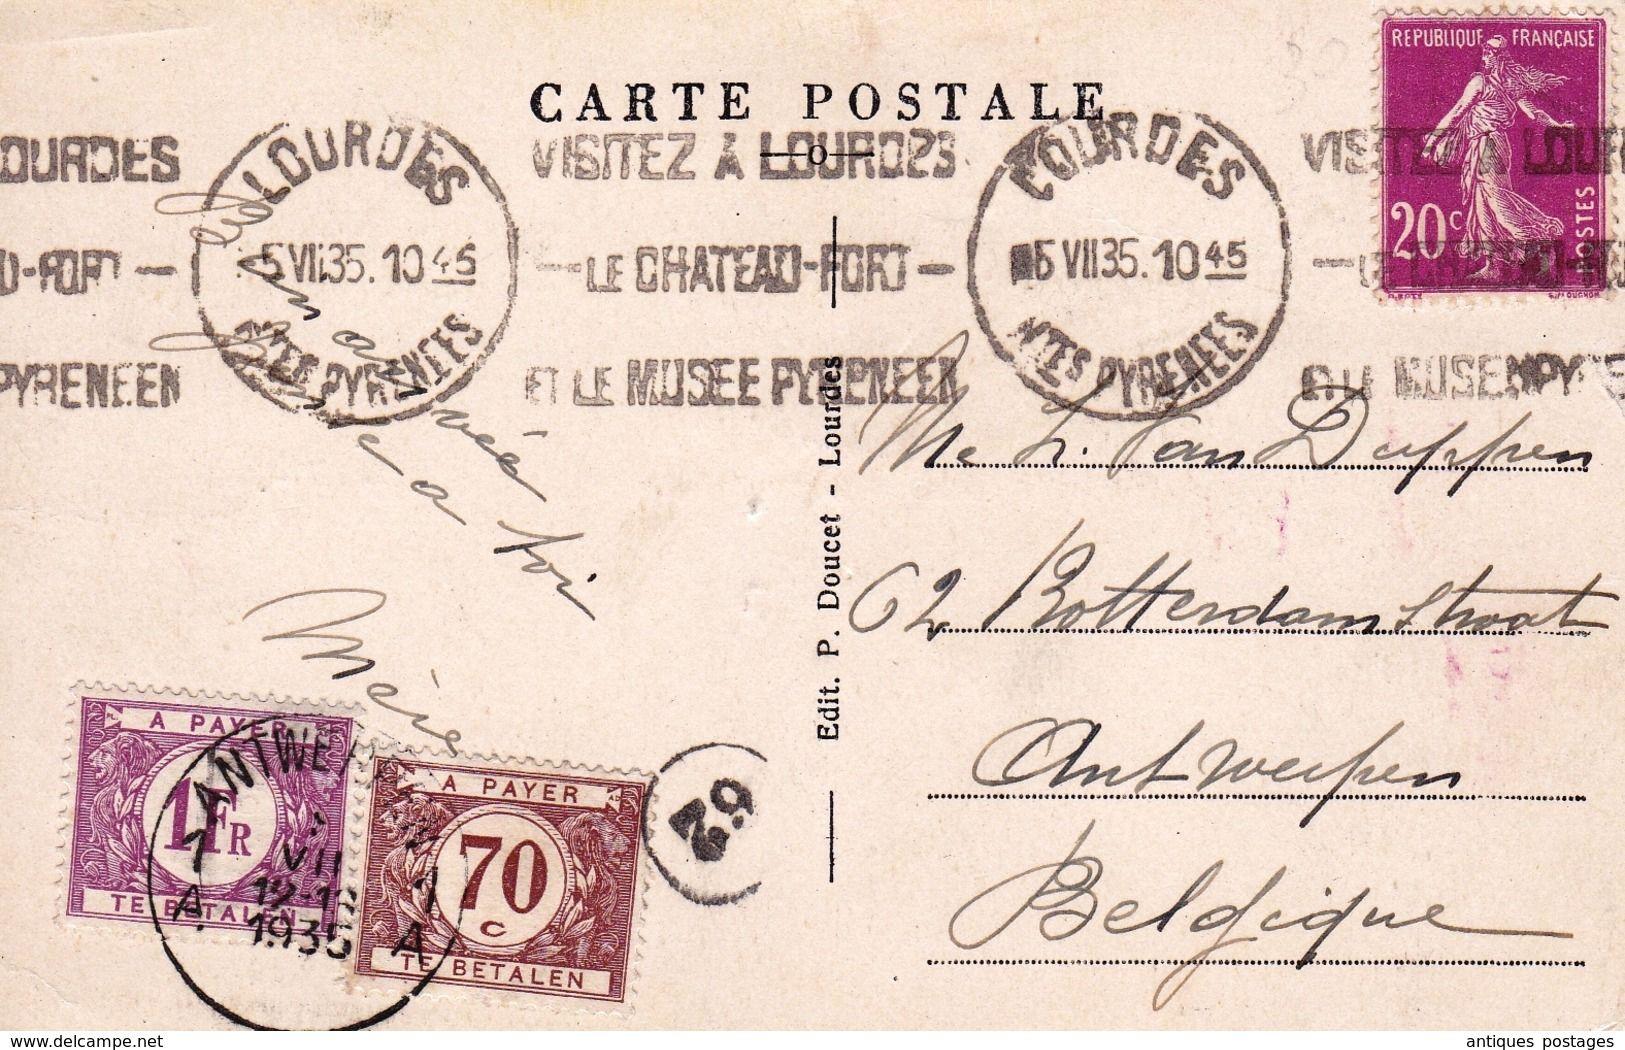 Carte Postale Lourdes Hautes Pyrenees 1935 Anvers Antwerpen